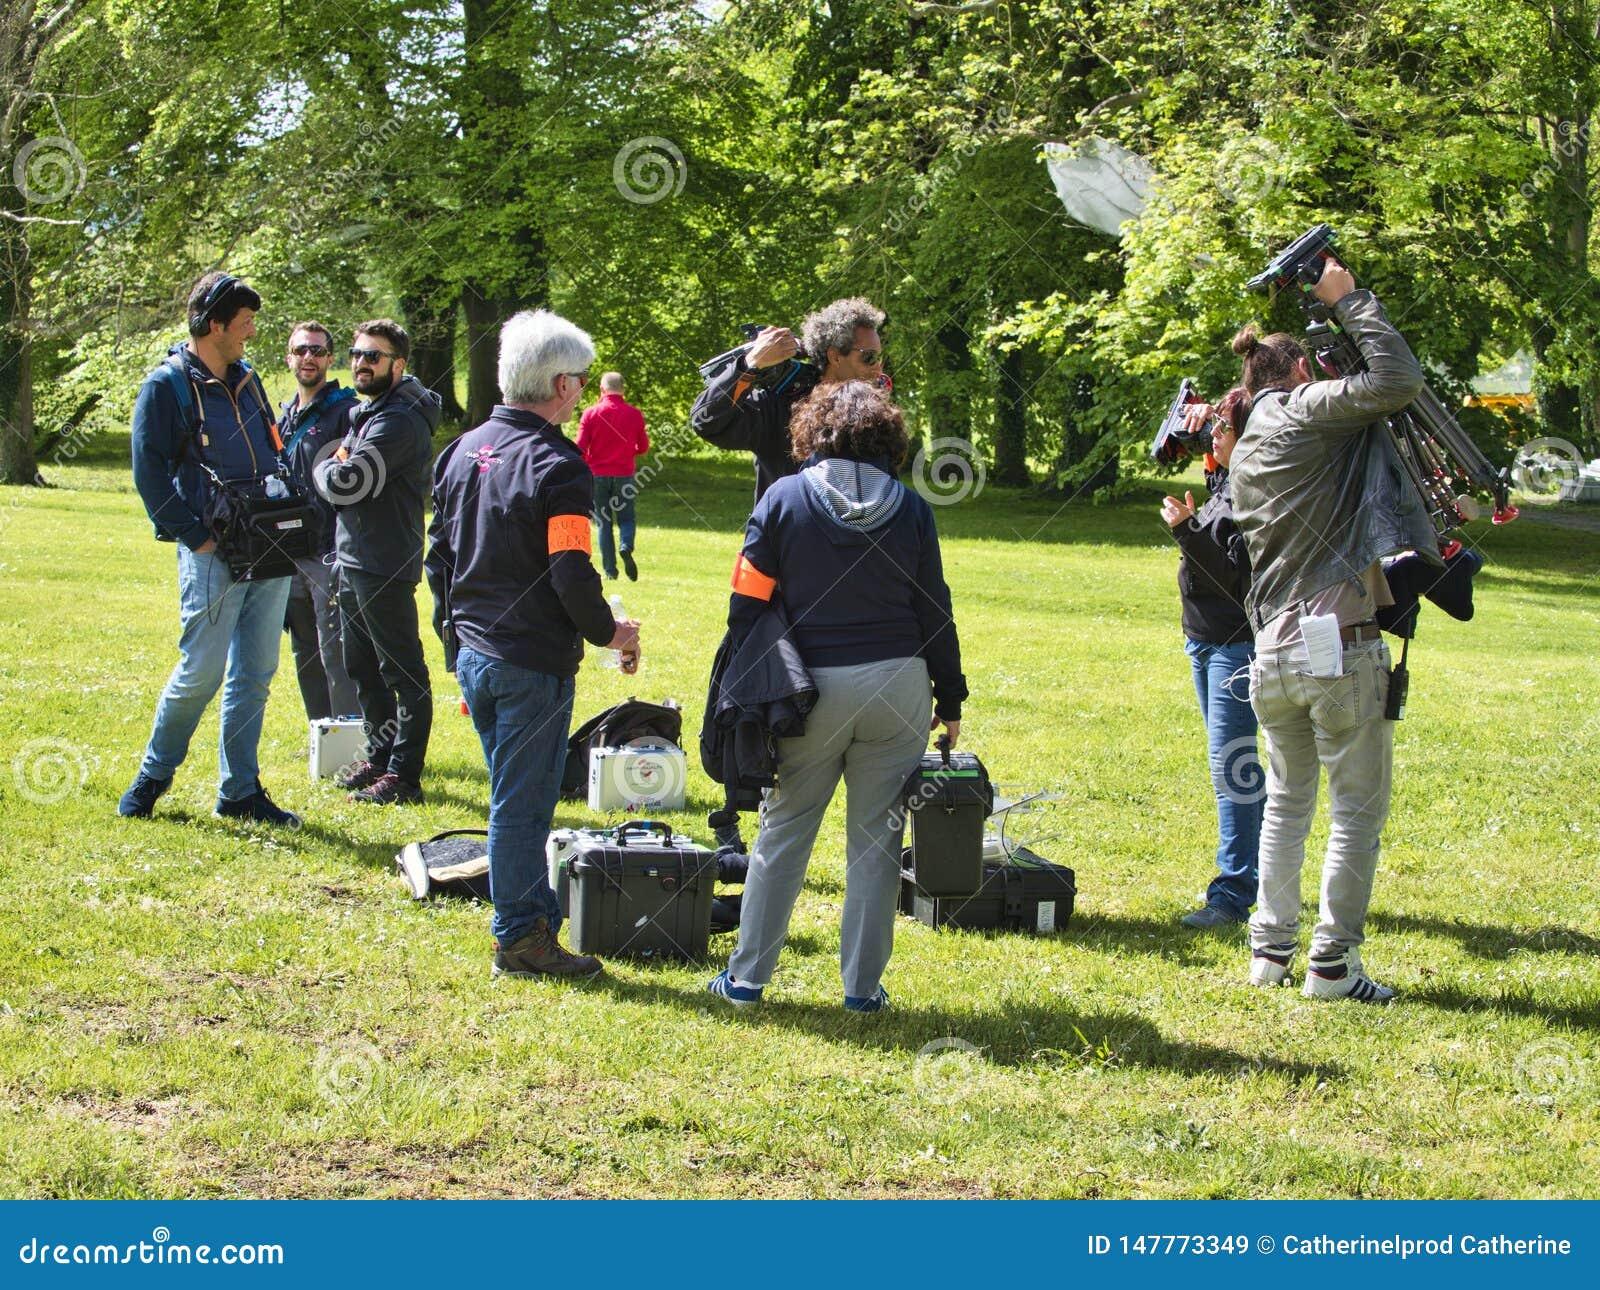 Tillbaka vinkelsikt av den digitala videokameran f?r h?g definition som som antecknar eller skjuter kommersiell produktion f?r tv